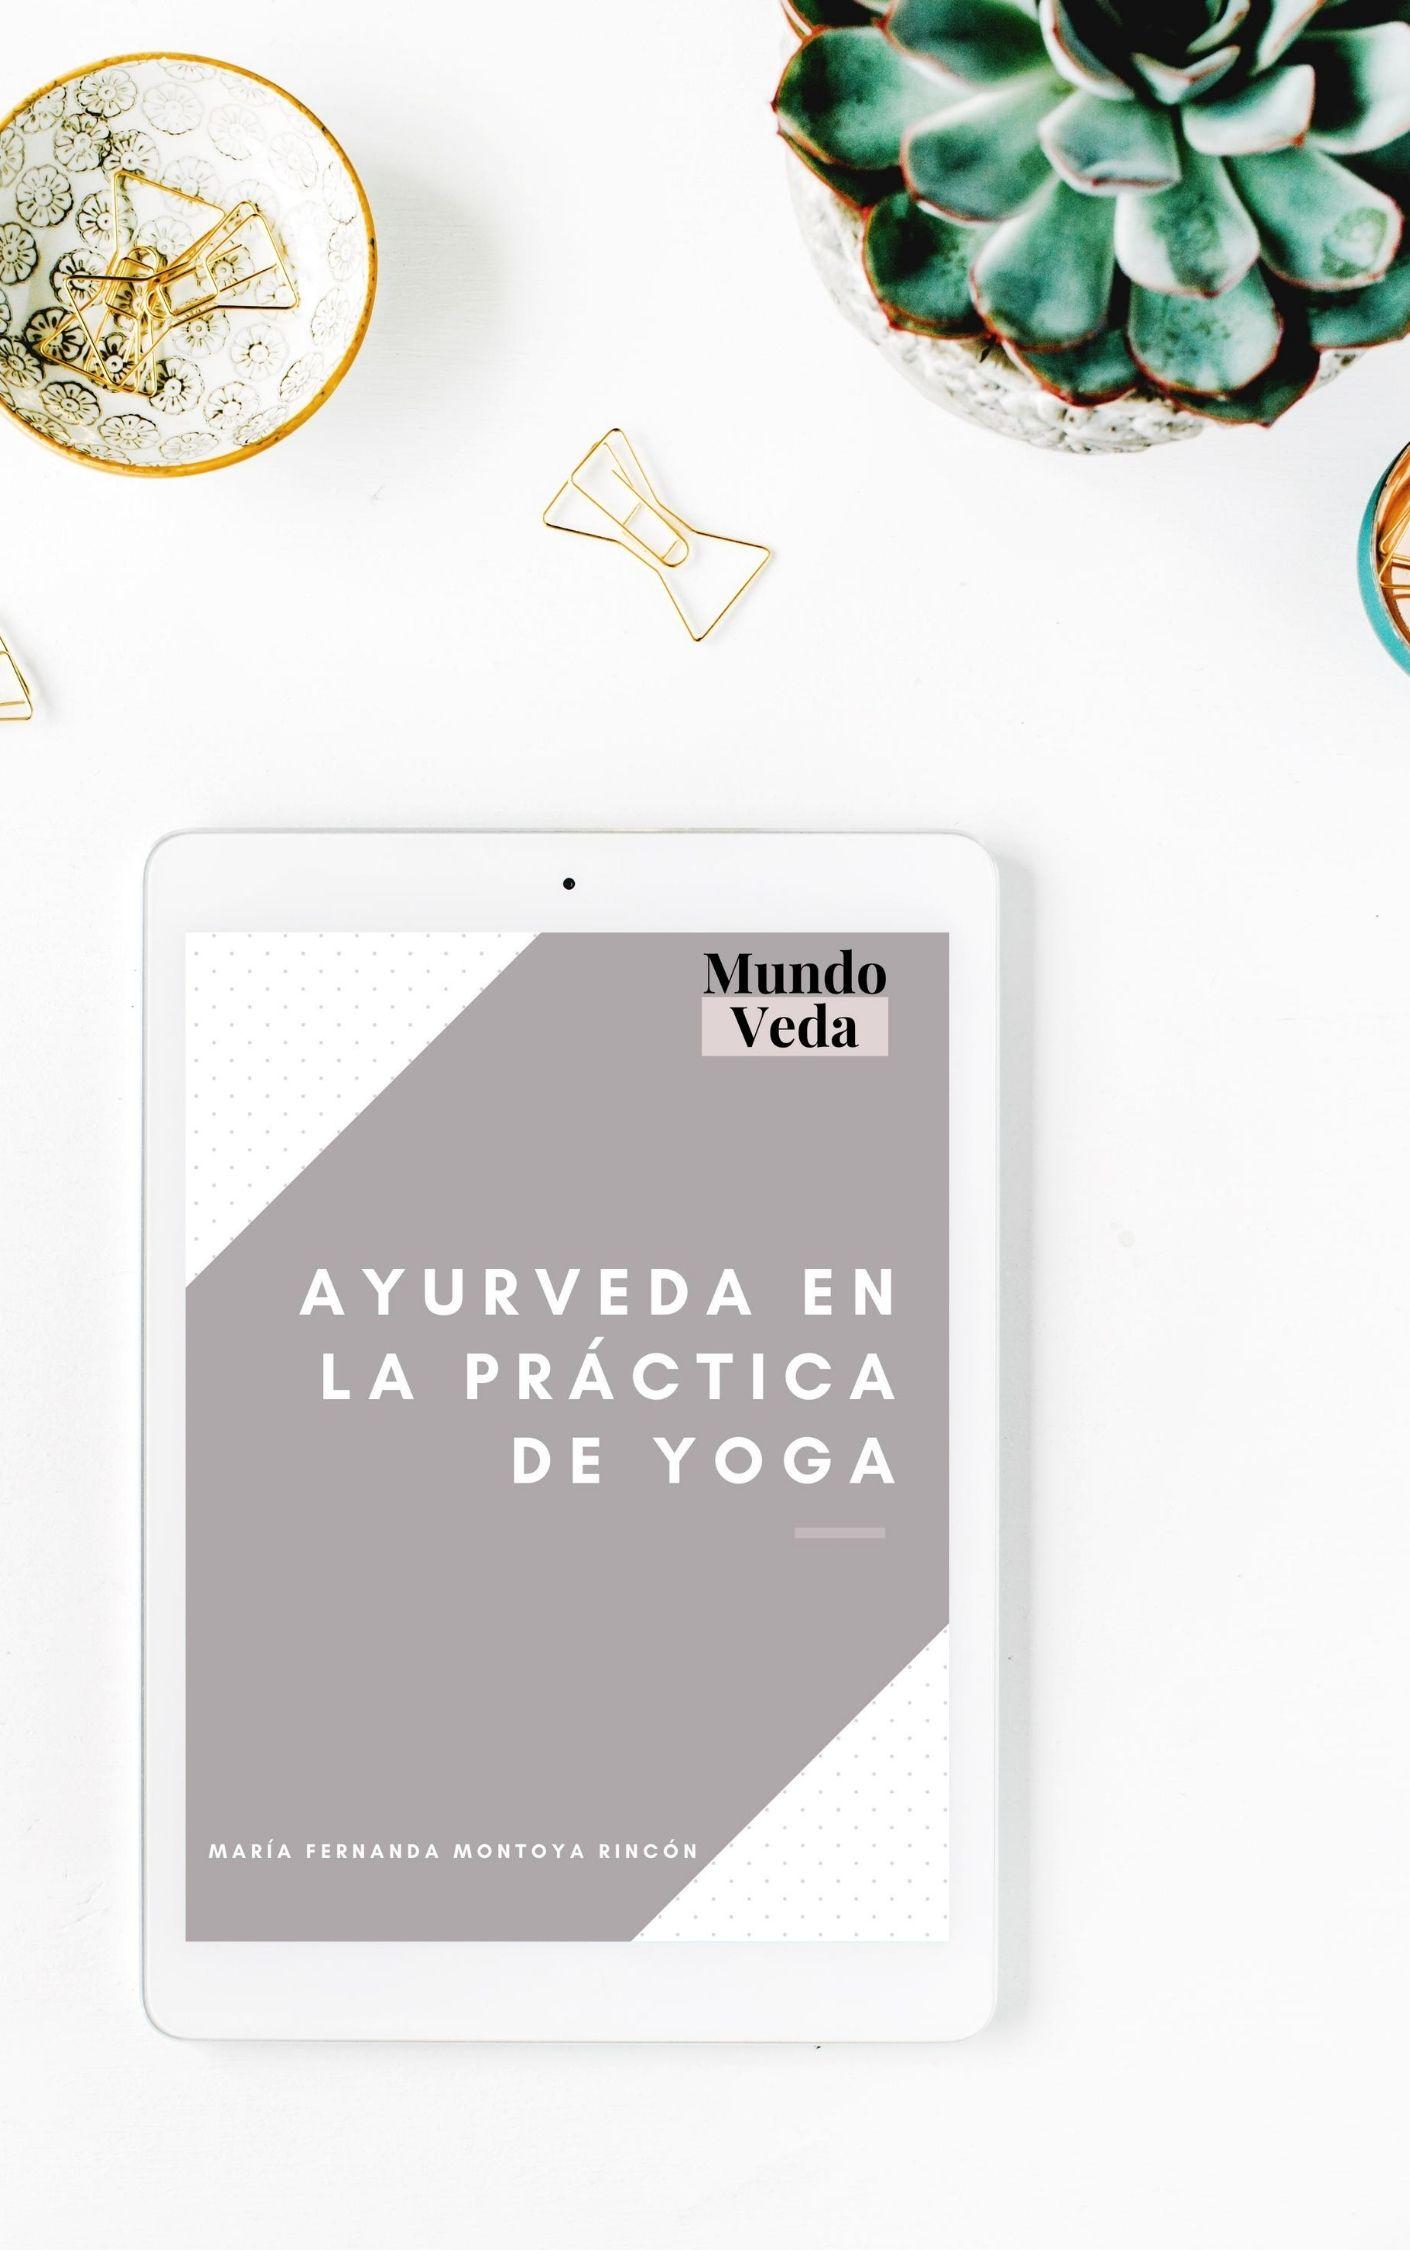 Ayurveda en la practica de yoga